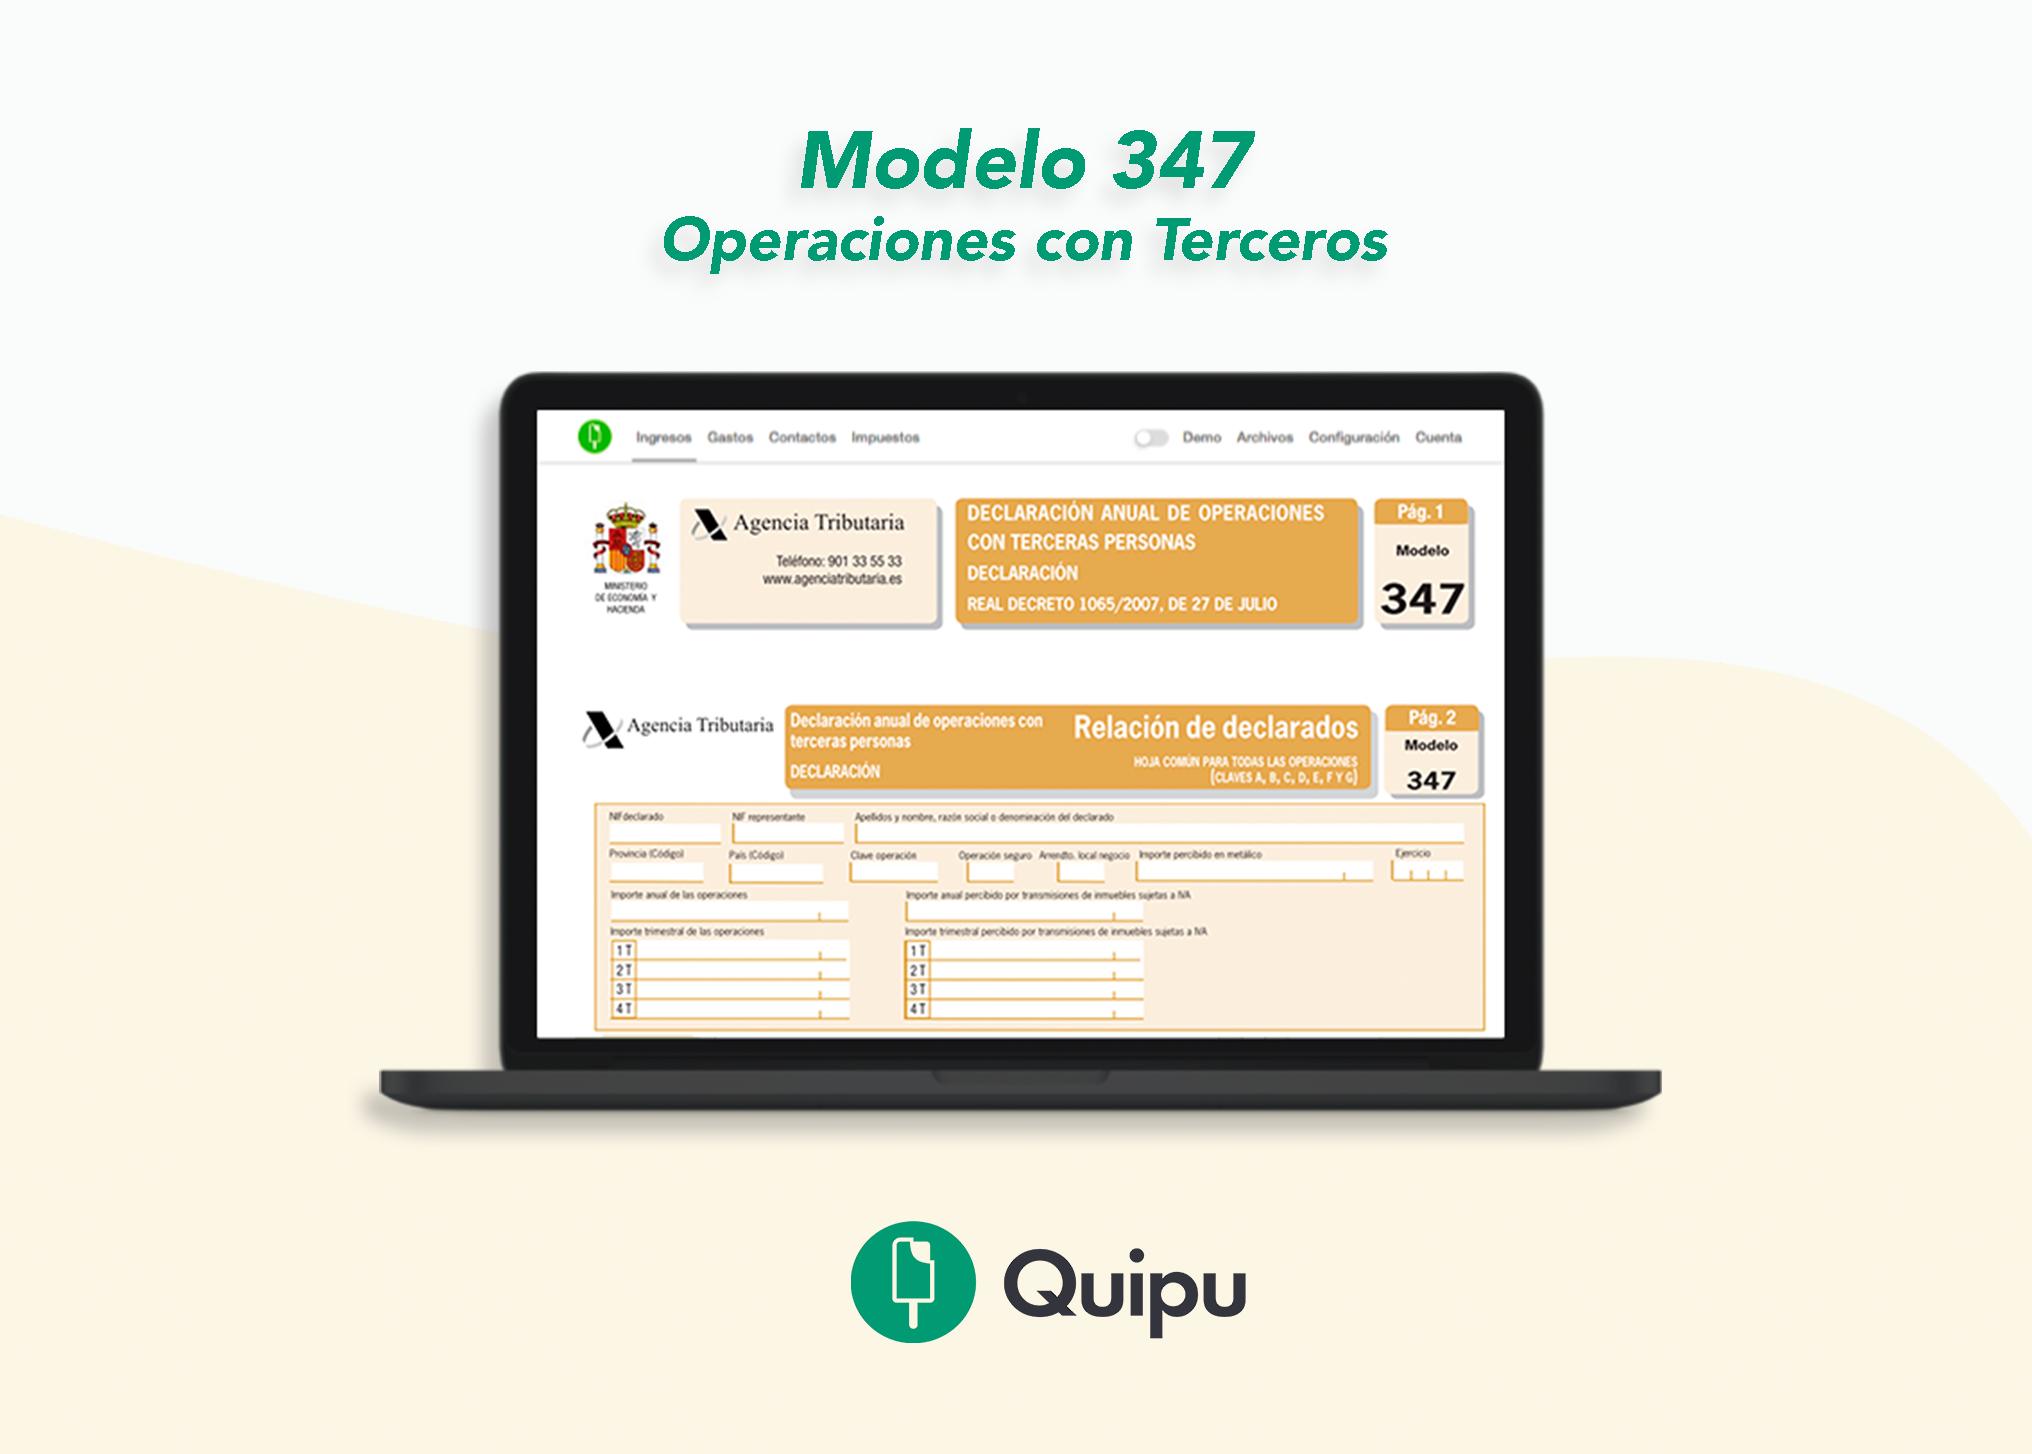 modelo 347 operaciones con terceros